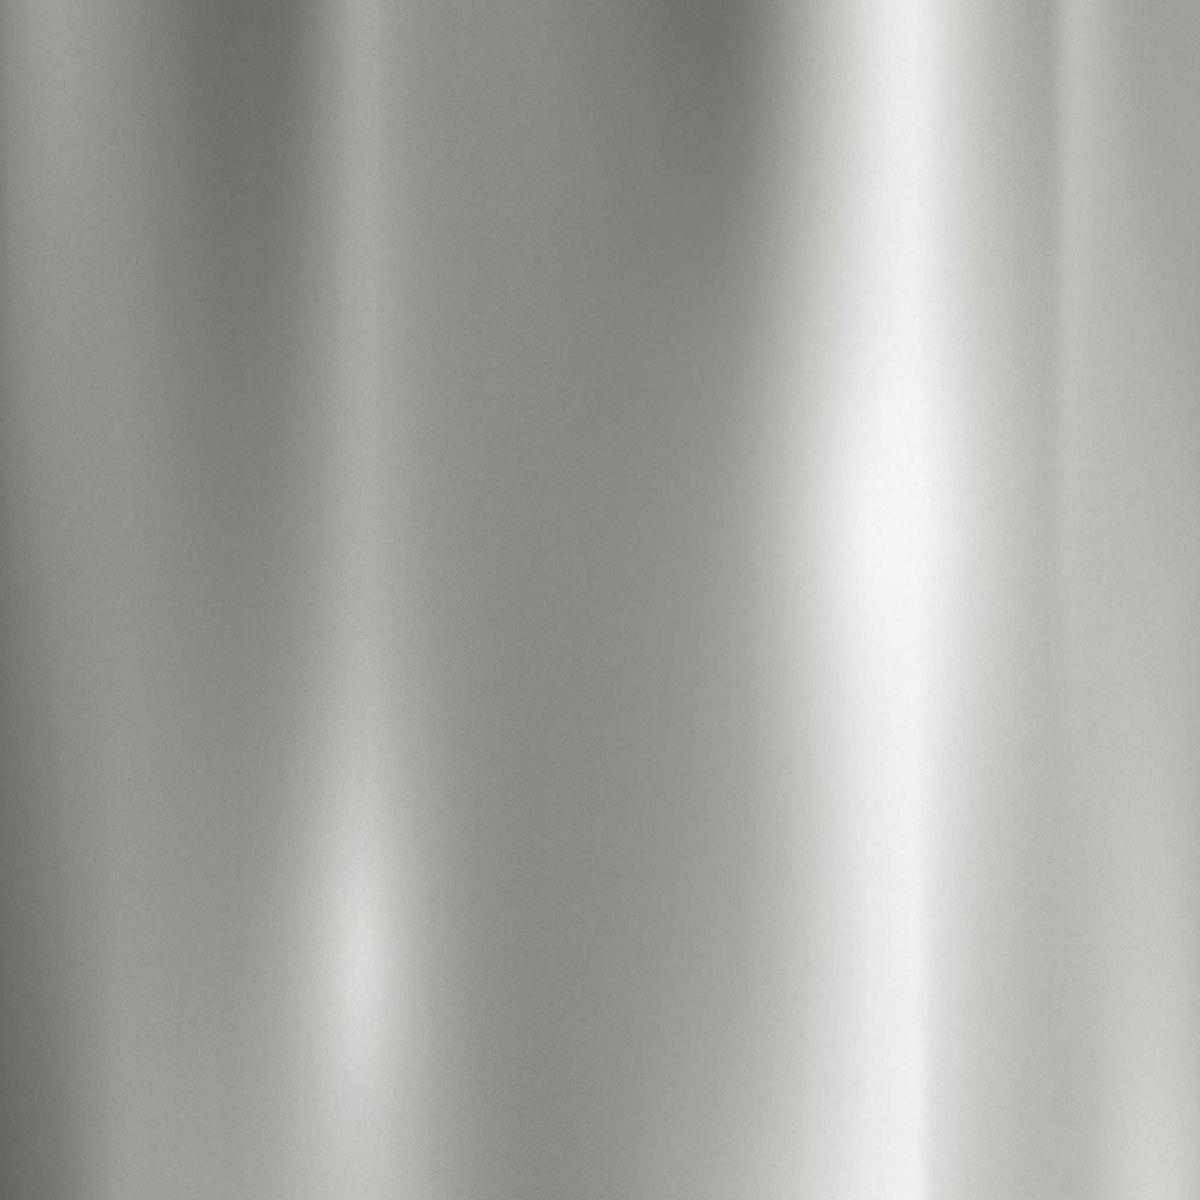 Polipropilene metallizzato lucido